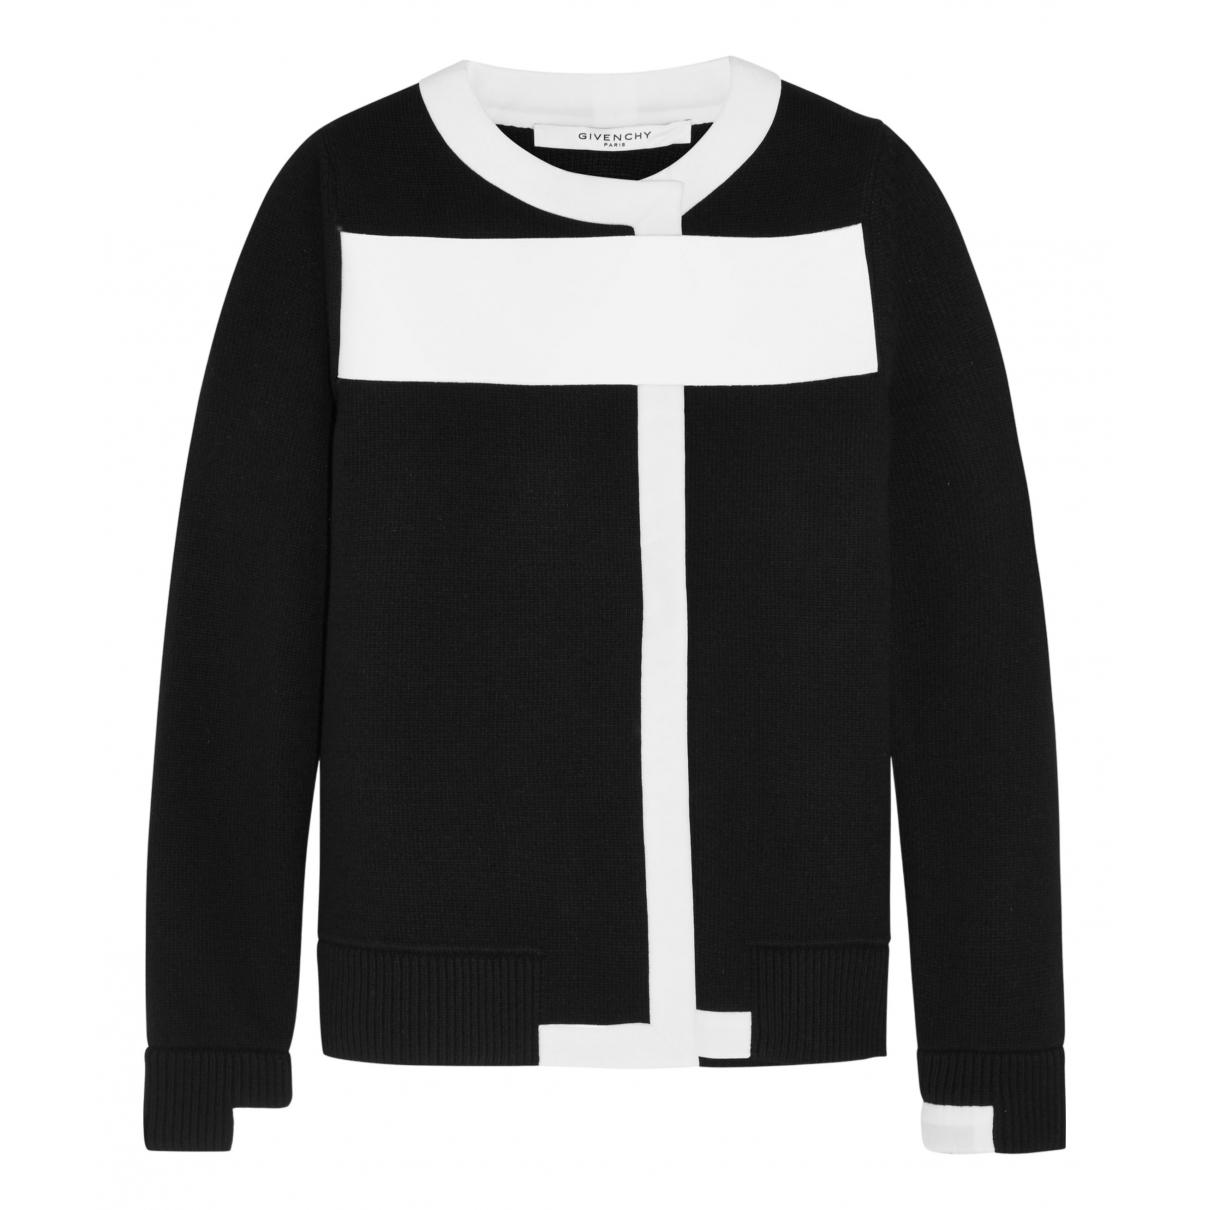 Givenchy - Pull   pour femme en laine - noir